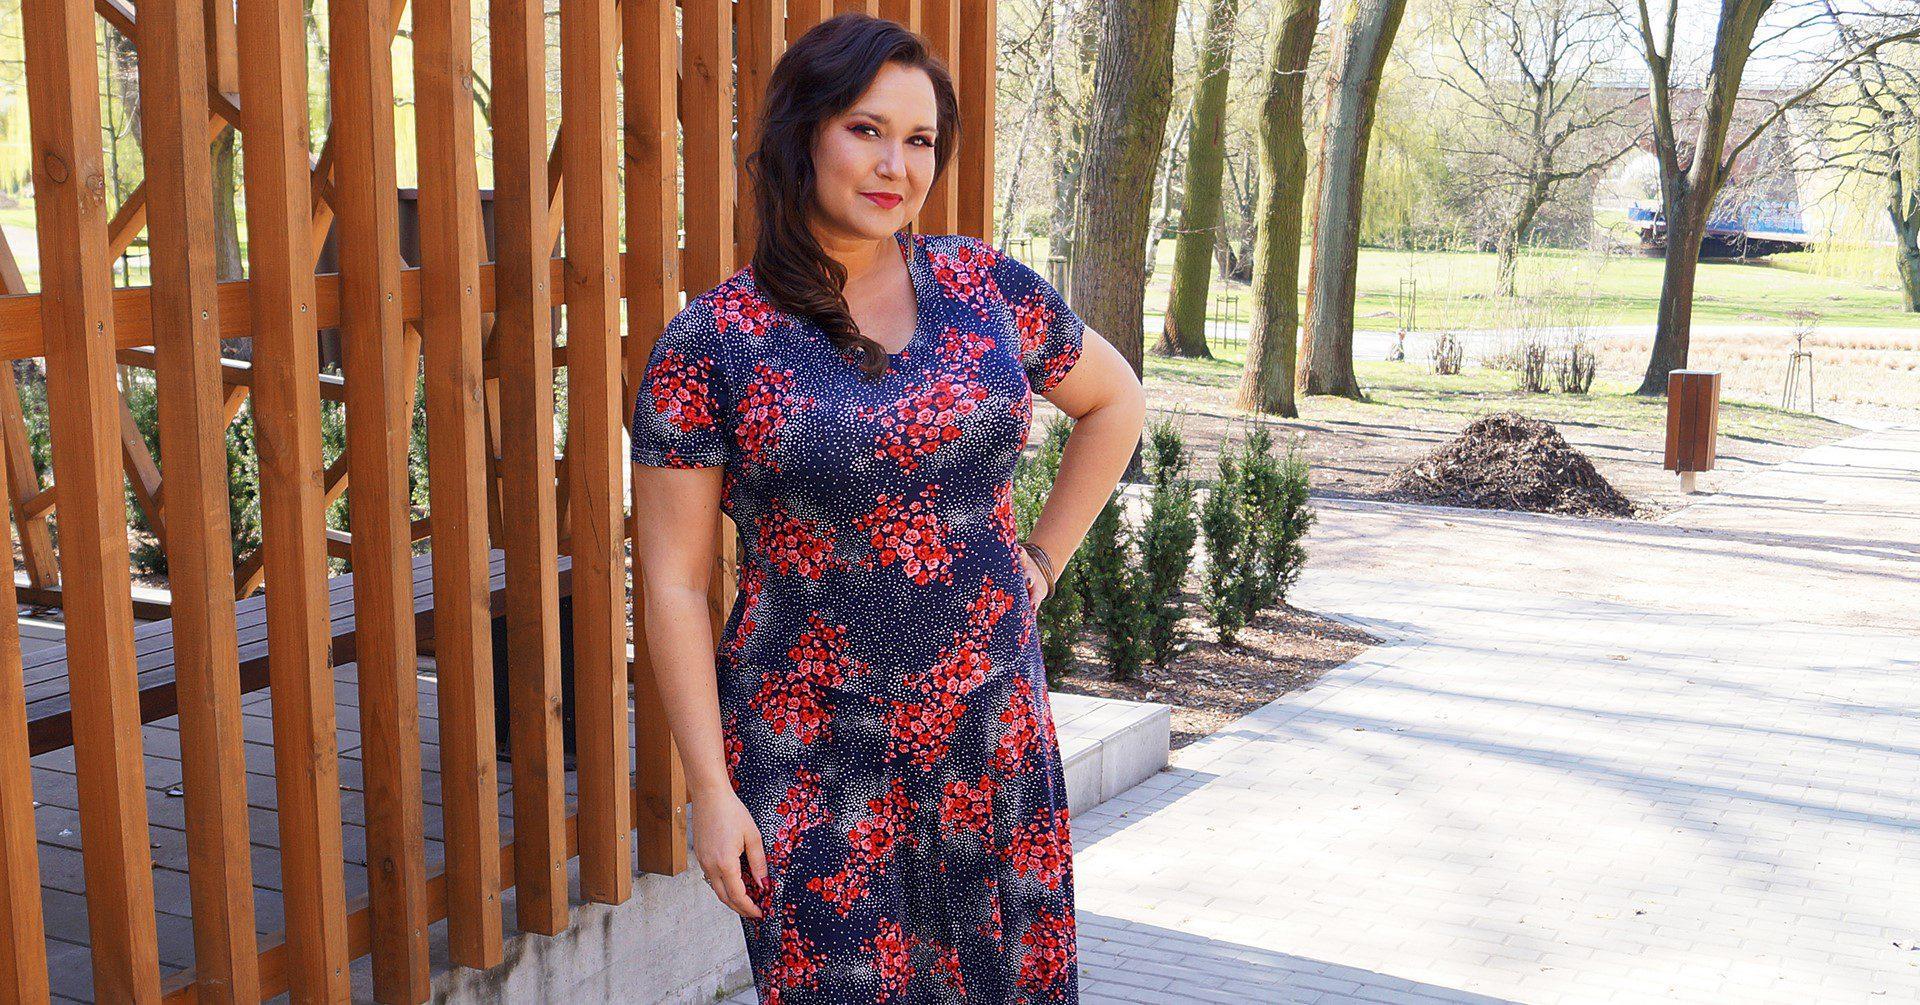 681bcee9 Najpiękniejsze modowe inspiracje, czyli sukienki w kwiaty w dużych ...